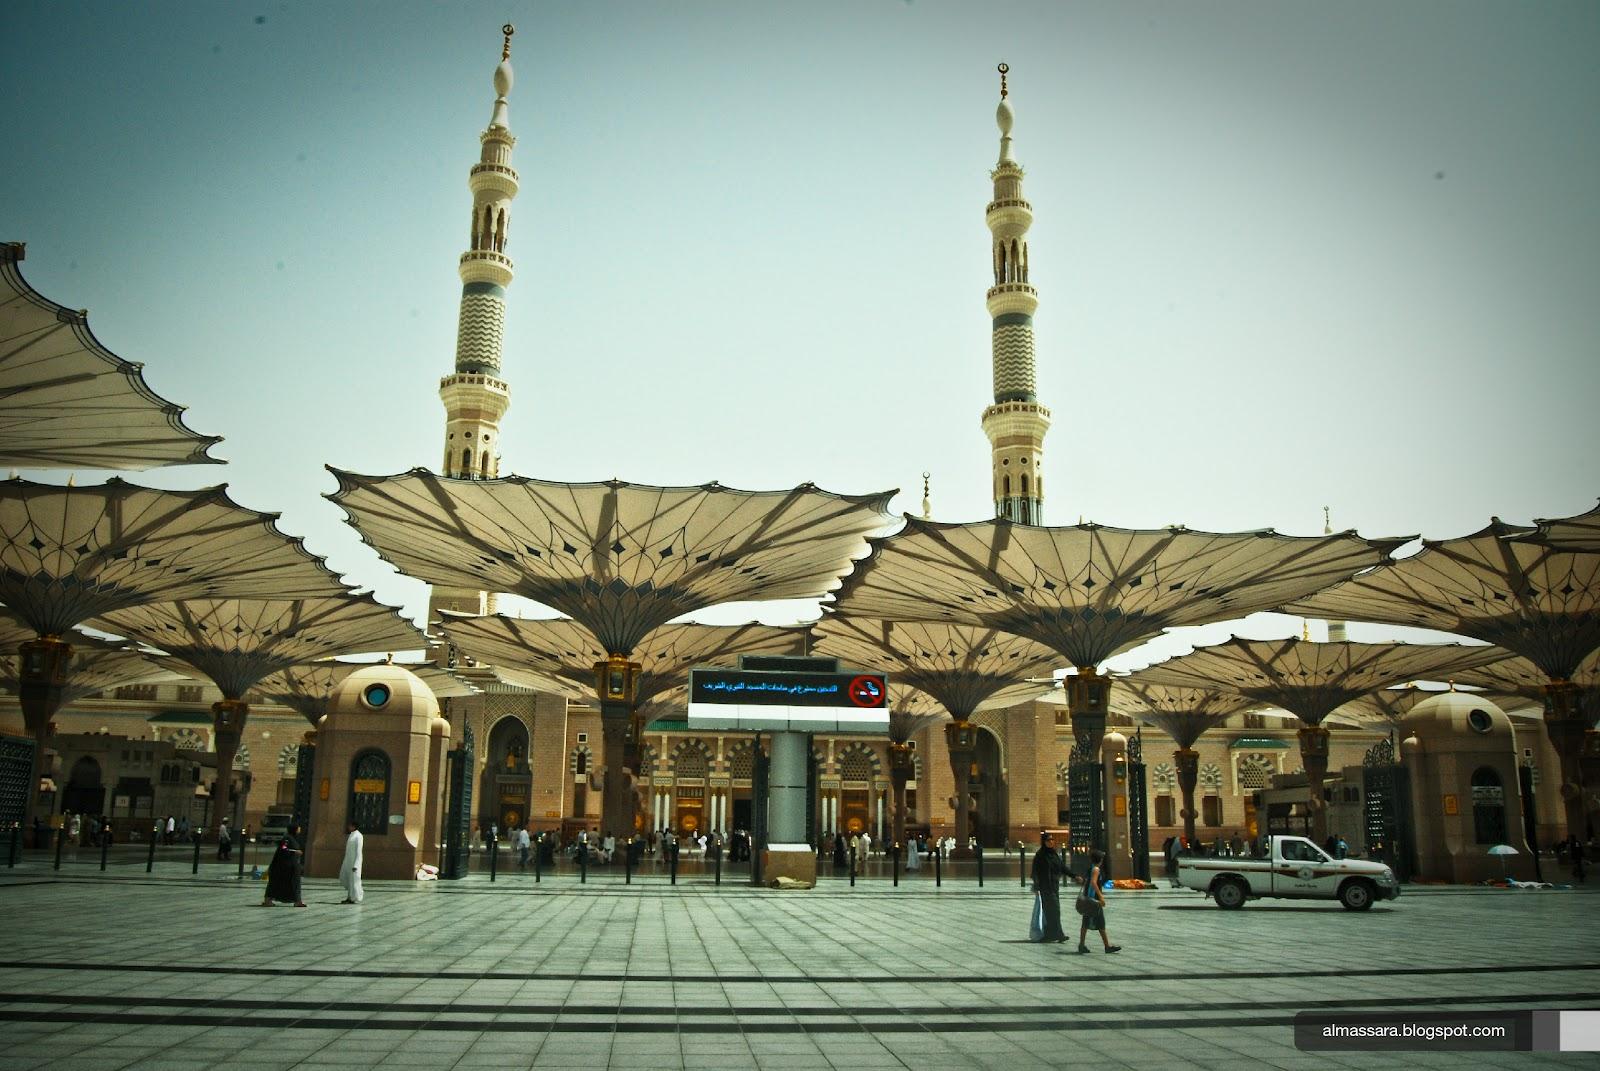 Masjid Al Nabawi Madinah Photo, Check Out Masjid Al Nabawi ...